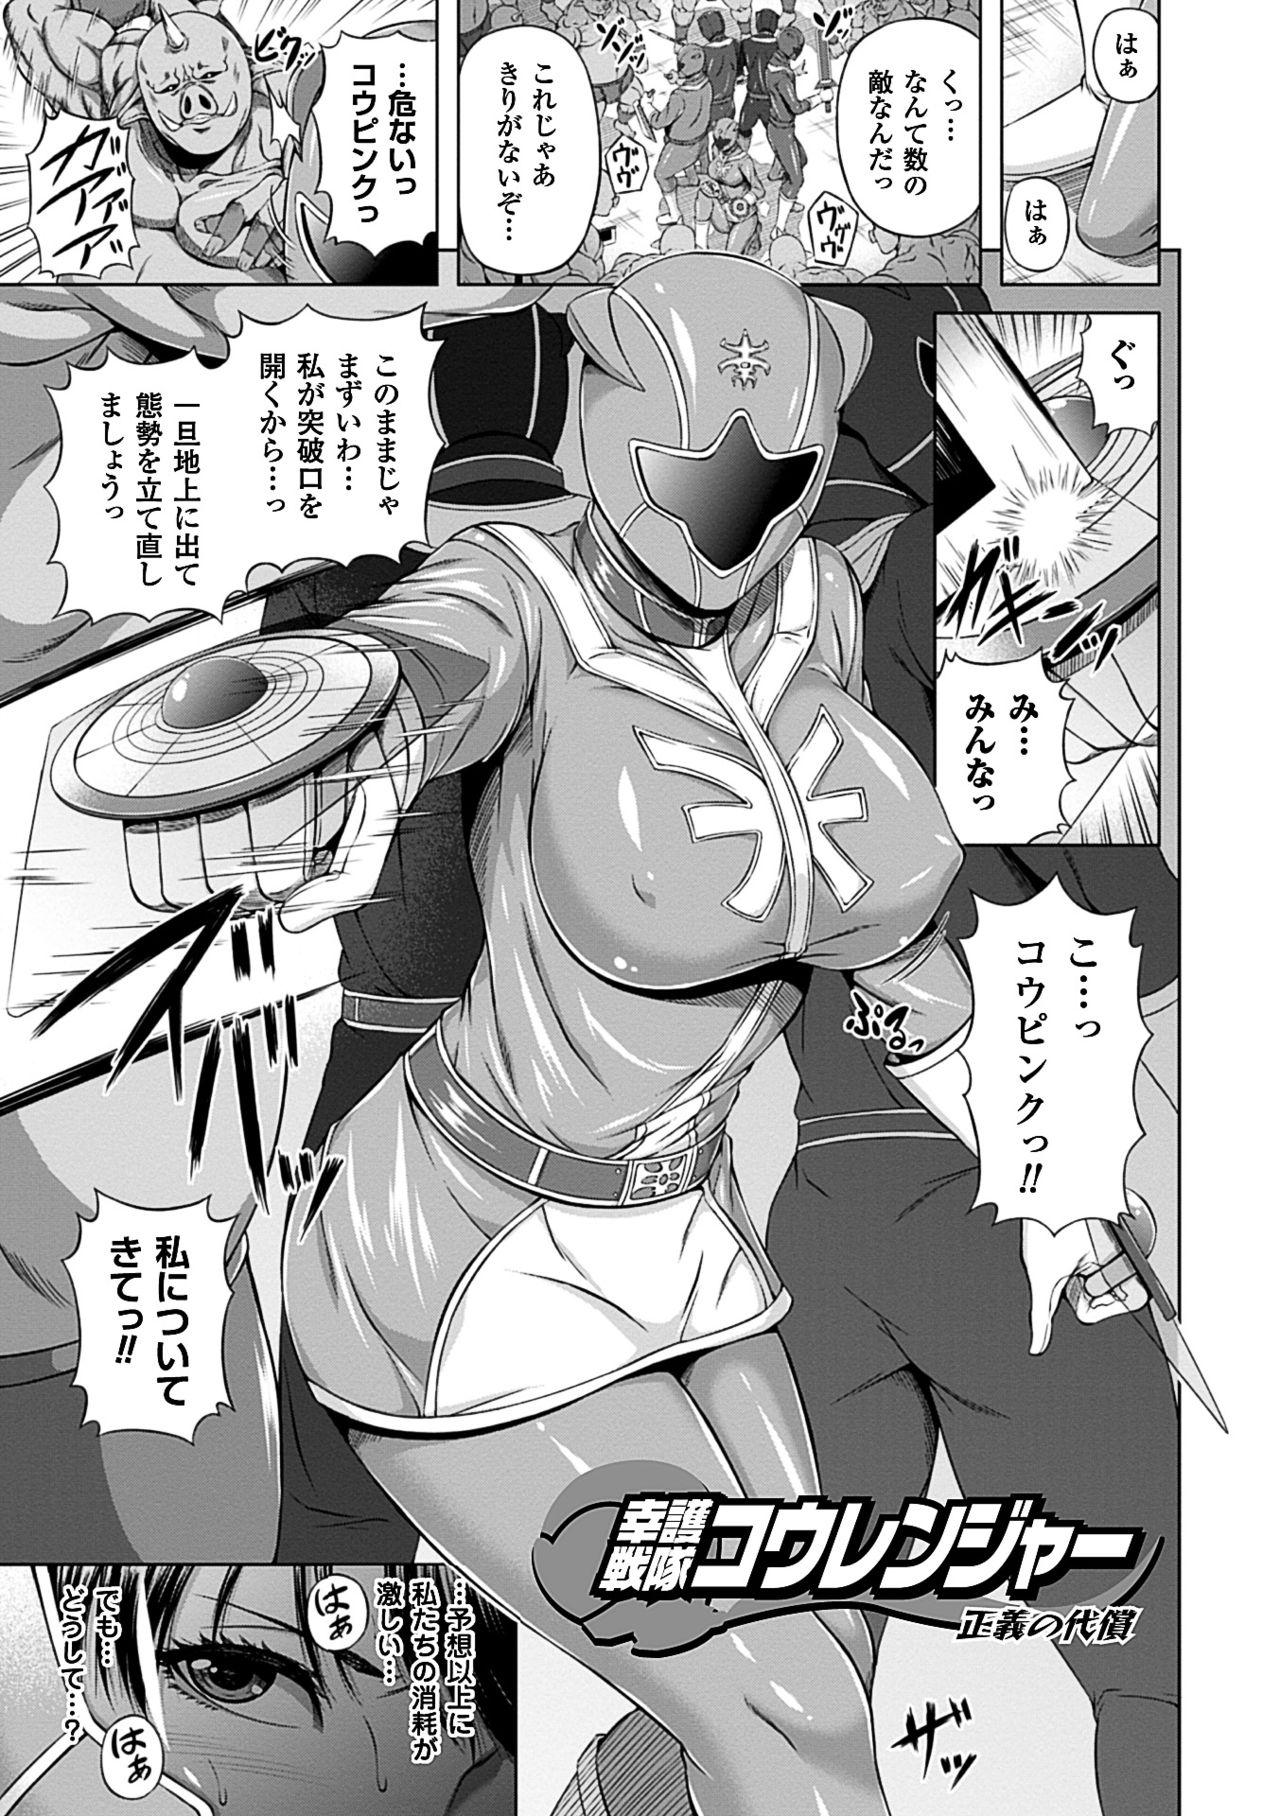 Mesu Hana ga Ochiru Toki - Maidenly Bloom Fallen 52